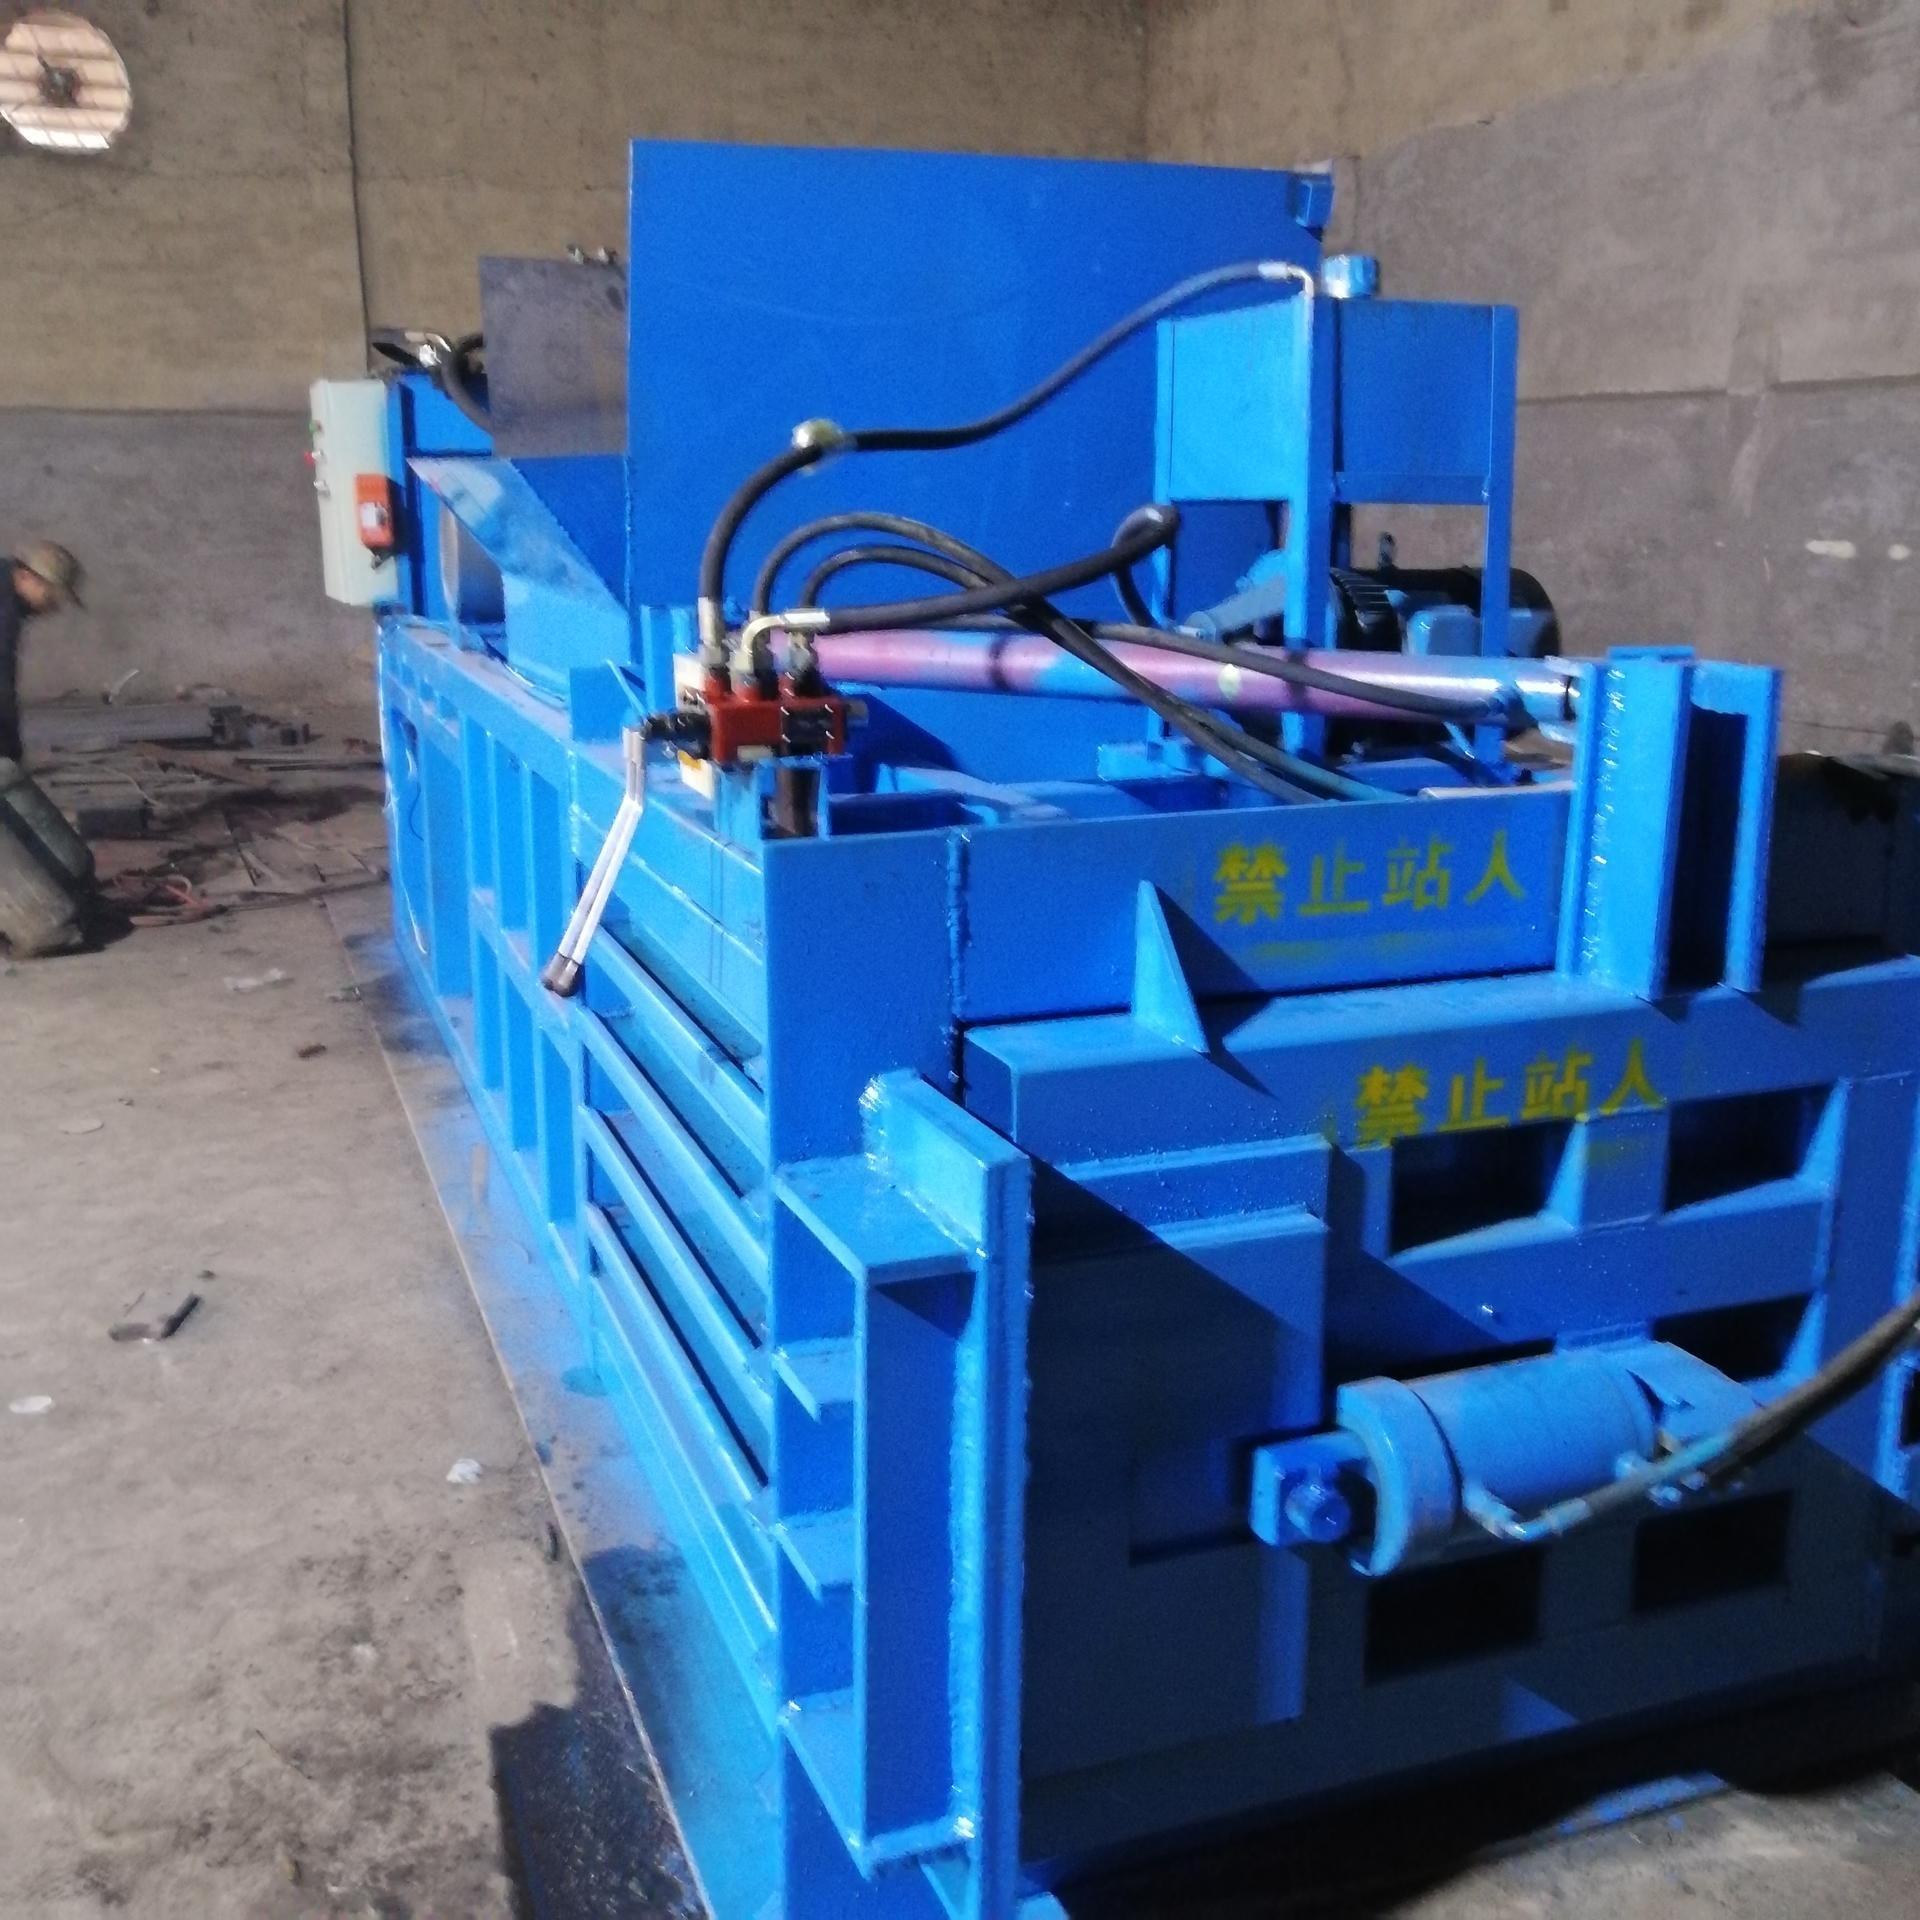 明宇熱銷大型廢紙臥式液壓打包機 全自動編織袋臥式打包機